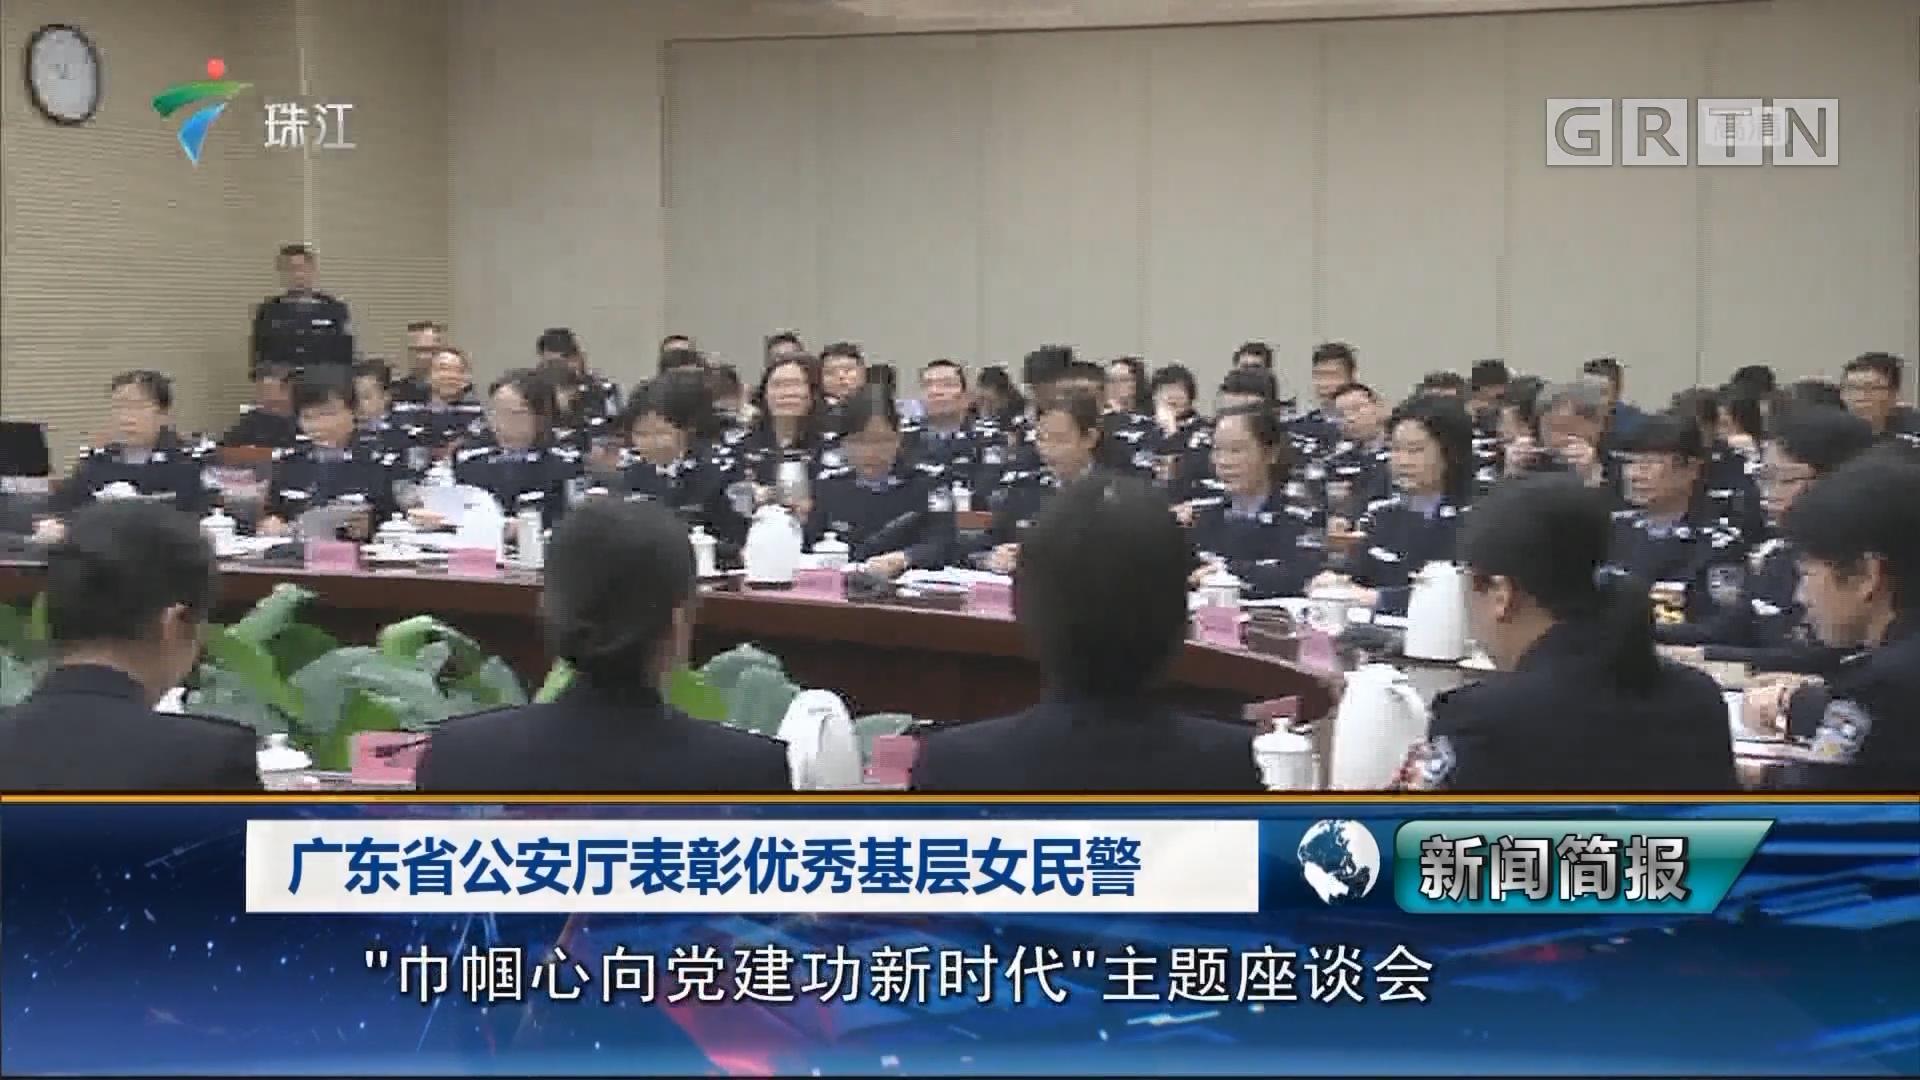 广东省公安厅表彰优秀基层女民警